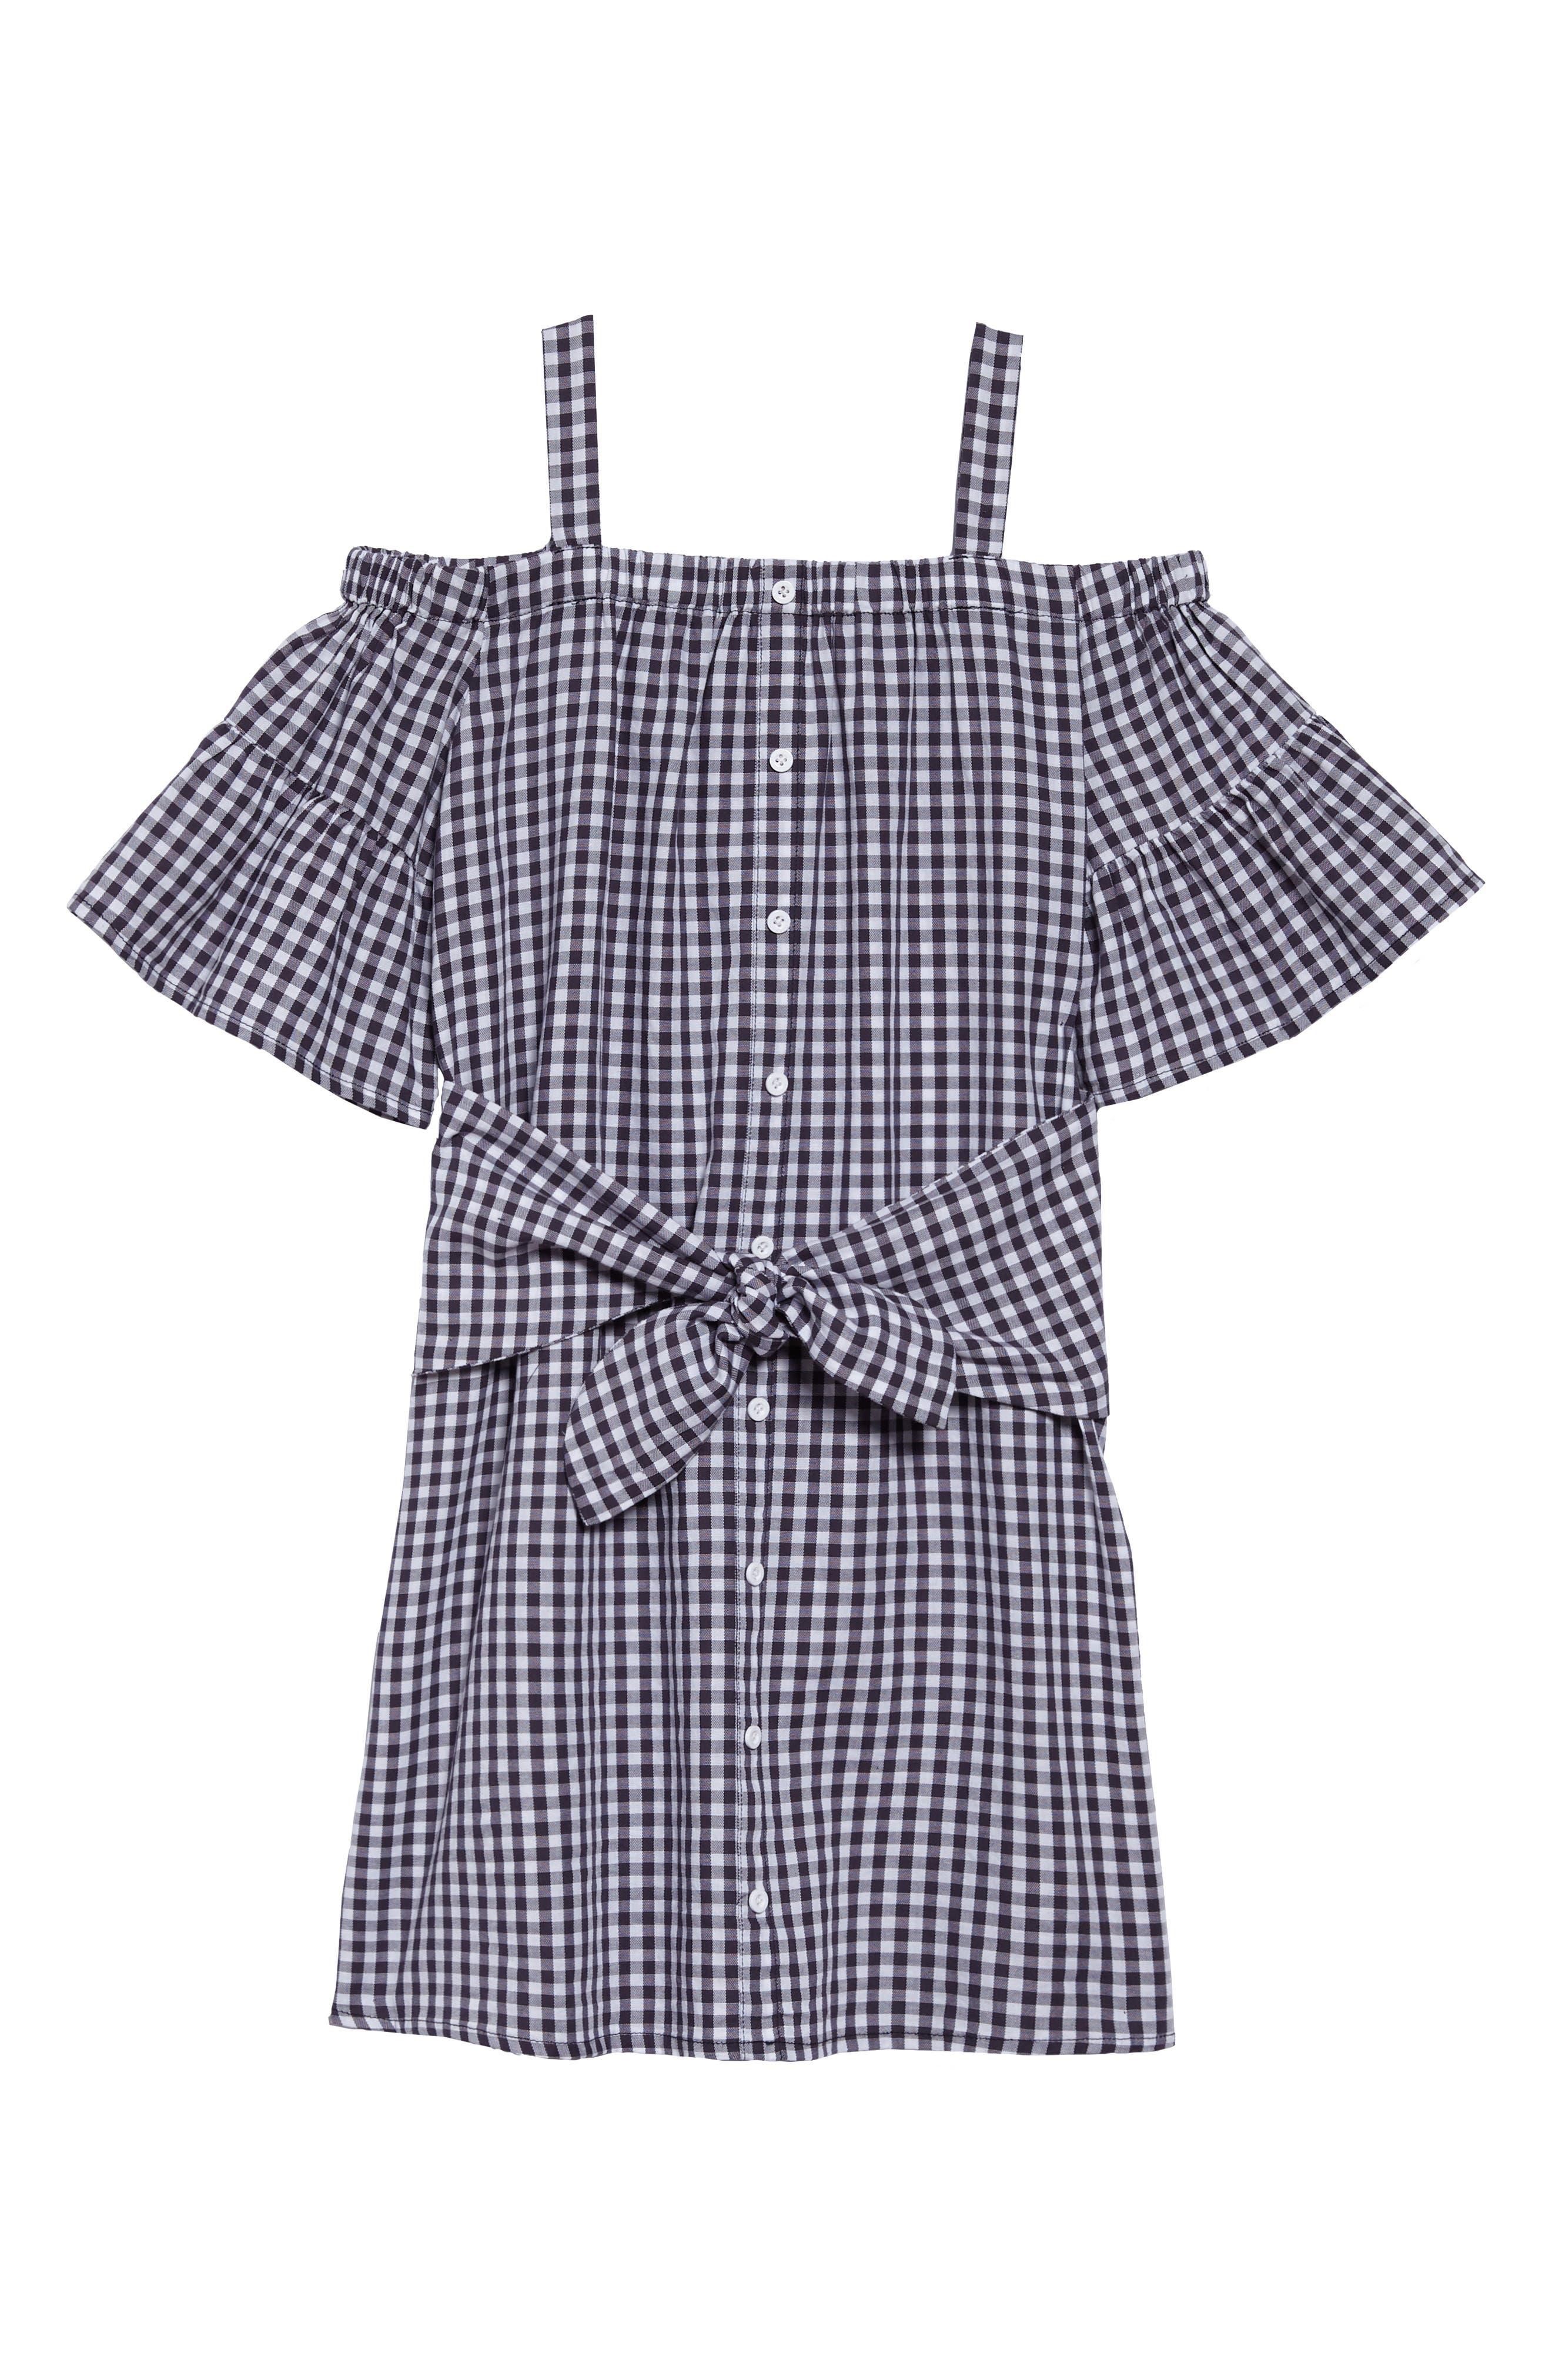 Jenny Check Cold Shoulder Dress,                             Main thumbnail 1, color,                             001